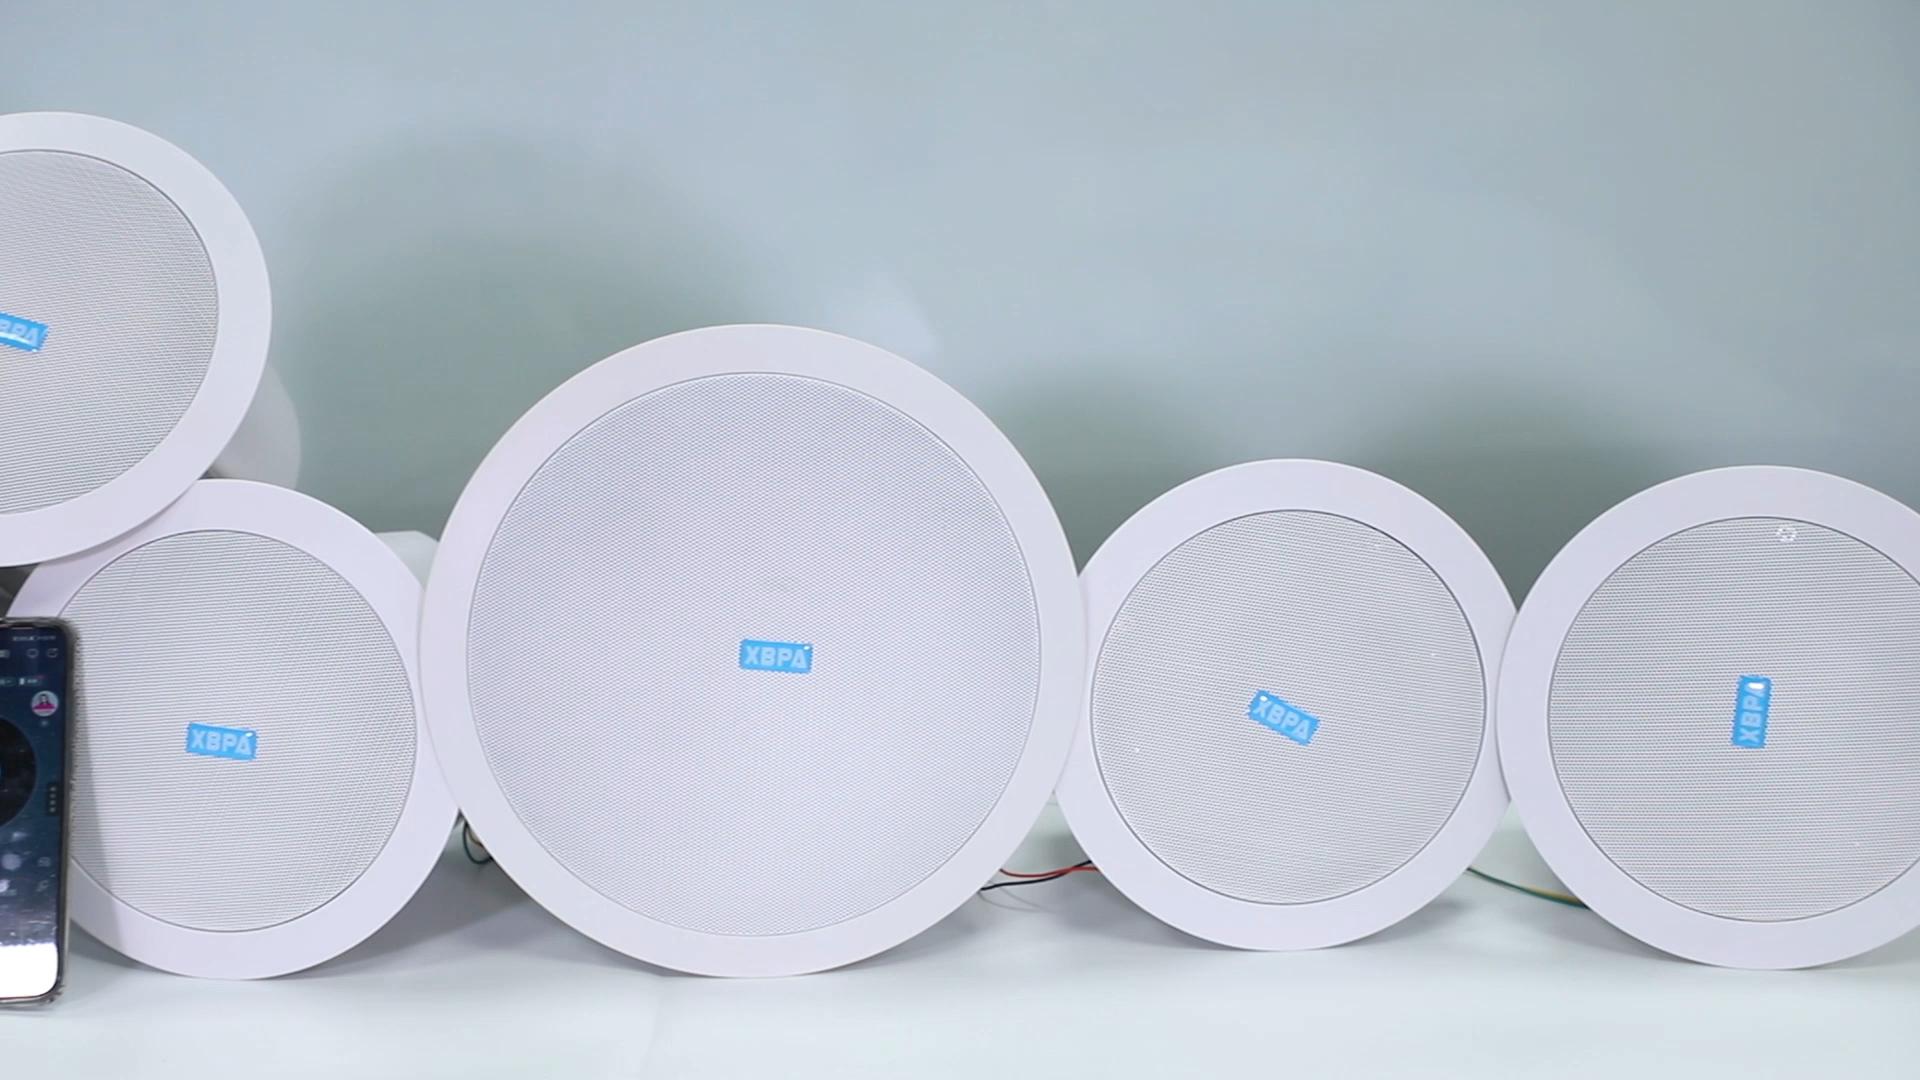 Hệ Thống Rạp Hát Gia Đình Bluetooth Không Dây Wi-Fi Chất Lượng Cao. Lắp Đặt Trần Ẩn Với Bộ Khuếch Đại Công Suất Tích Hợp 50W * 1 + 20